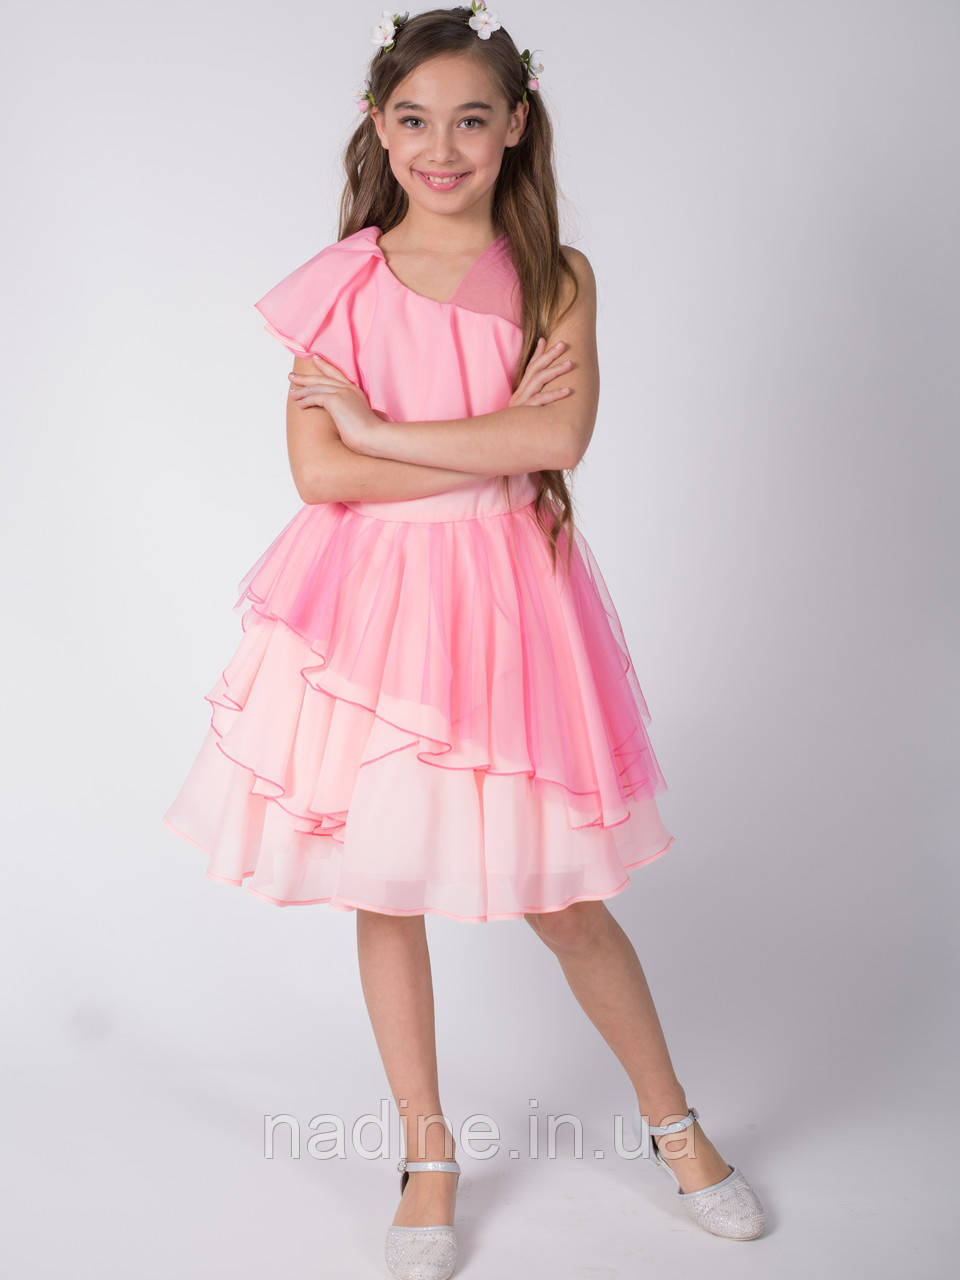 Дизайнерское платье Nadine, Romantic Sakura 134 Нежно розовое